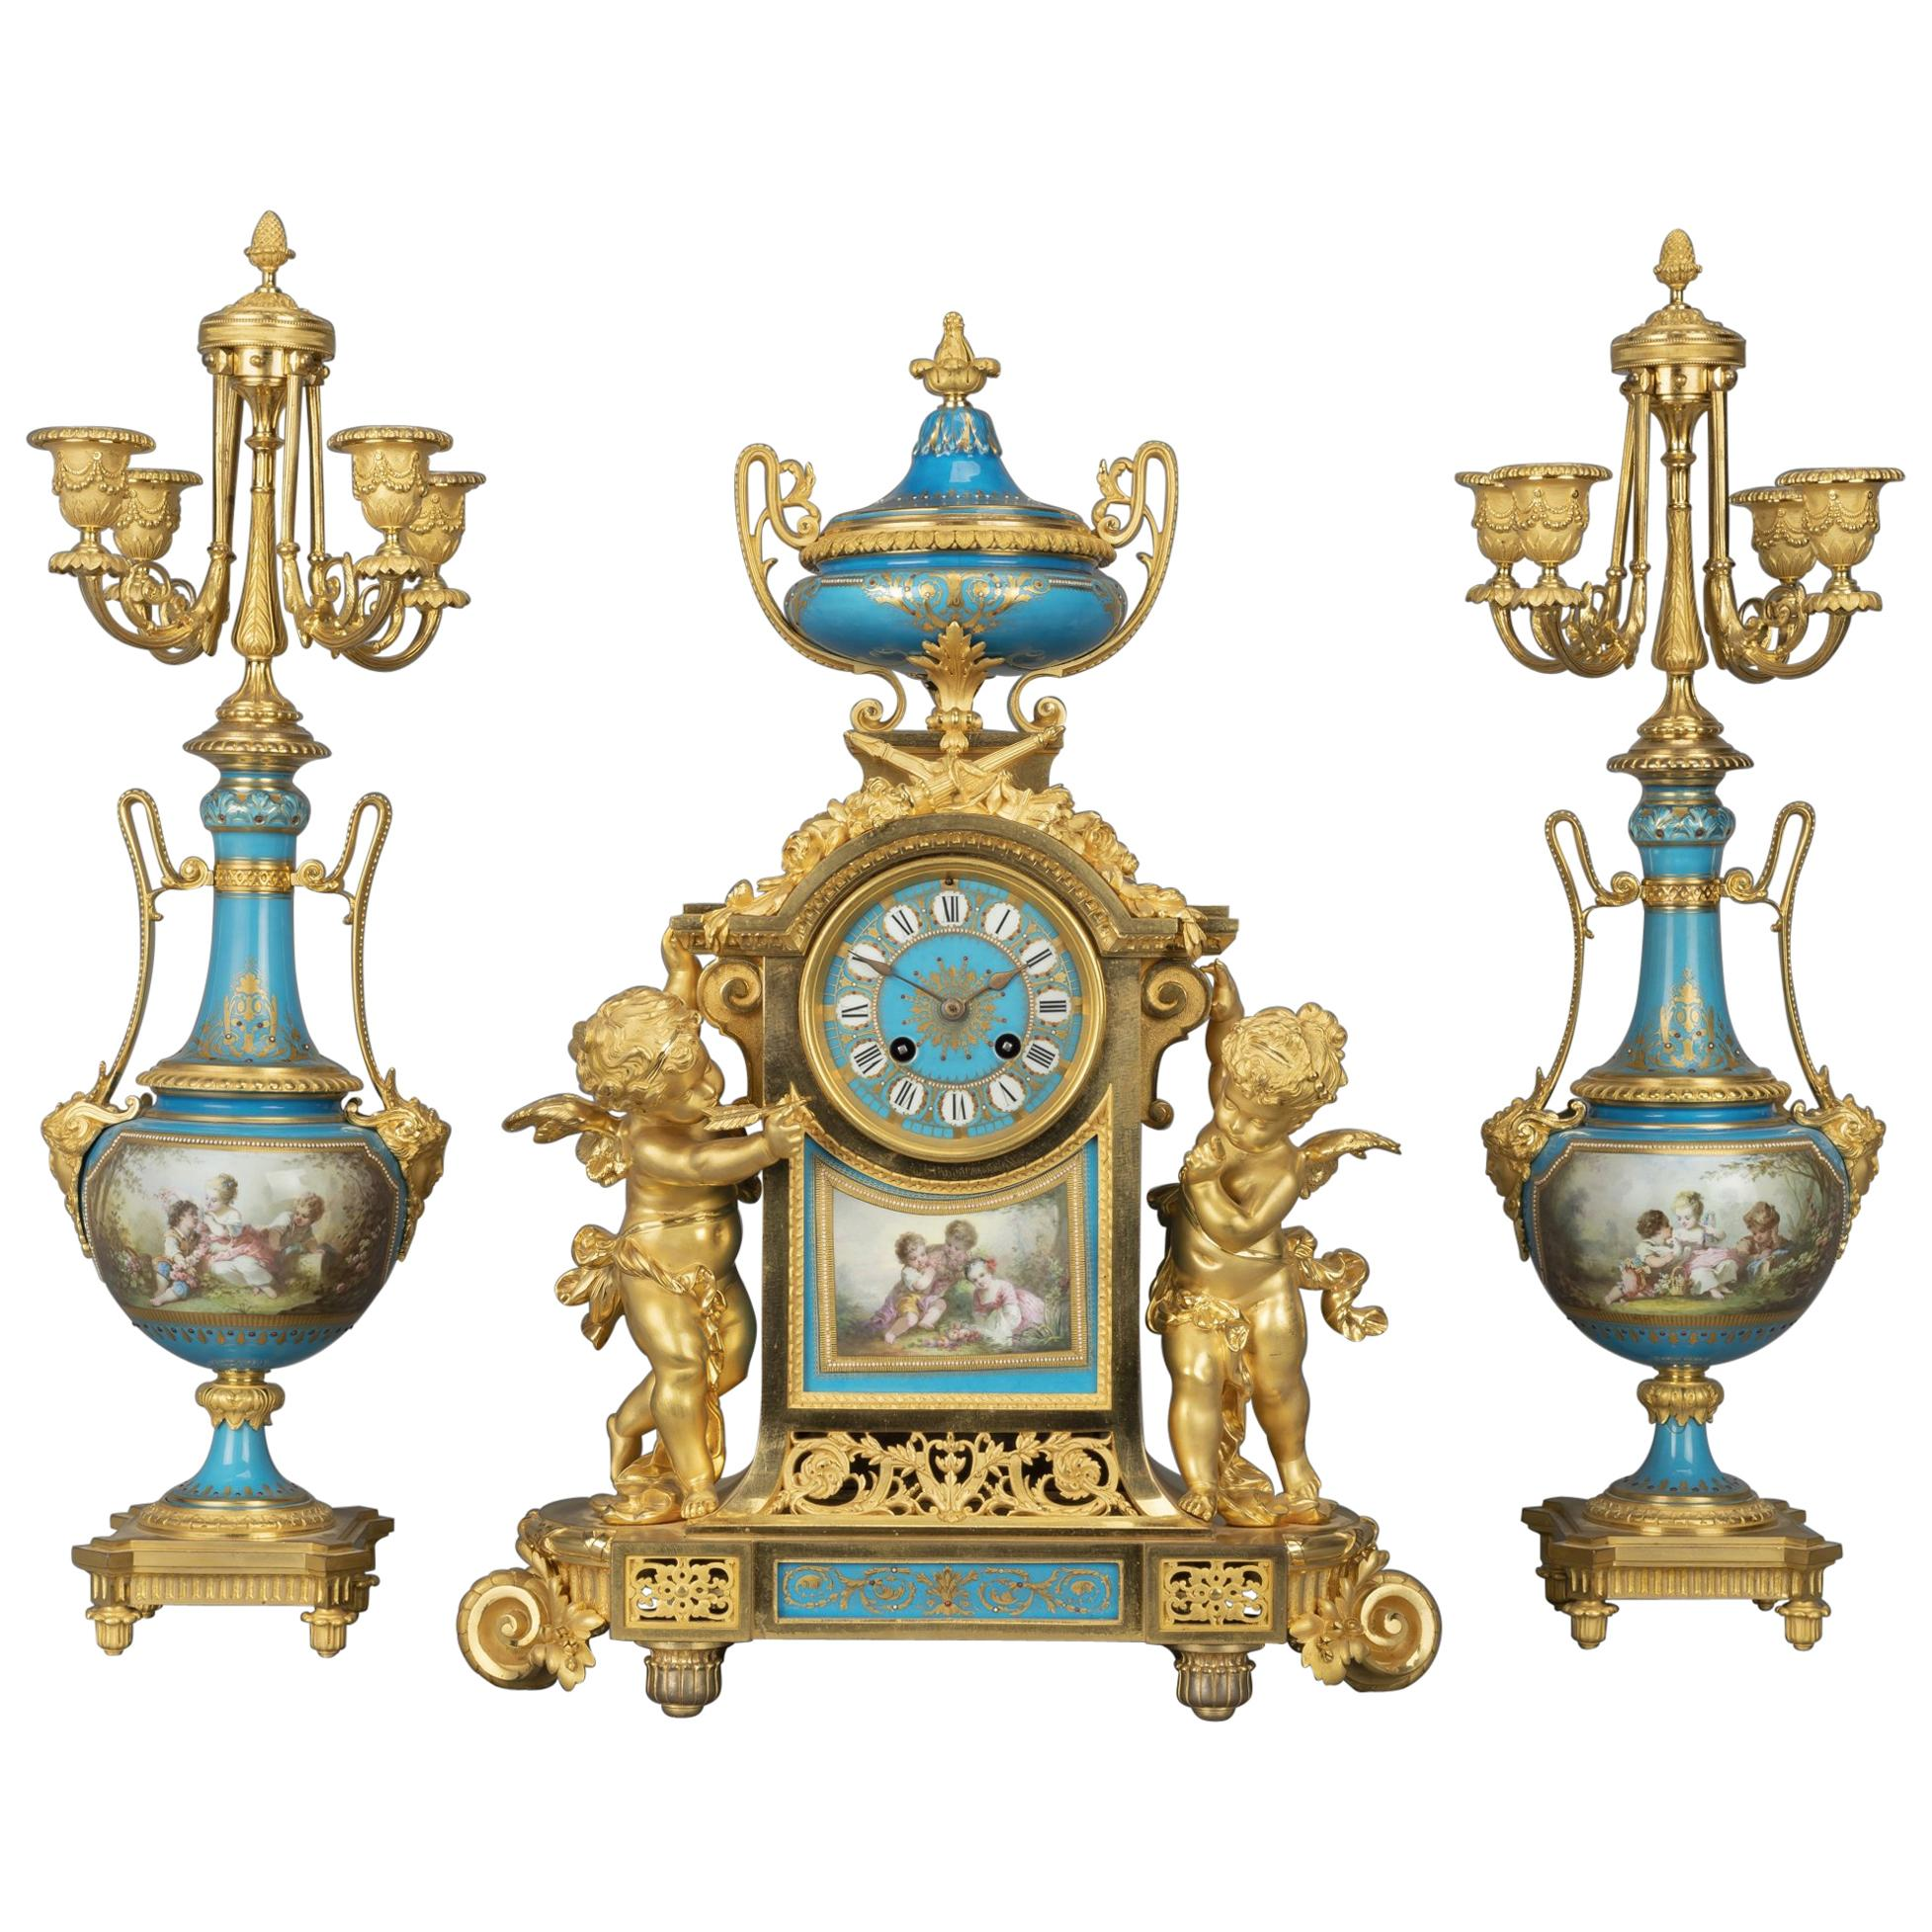 Important Napoléon III Gilt-Bronze and Porcelain Clock Garniture, circa 1870